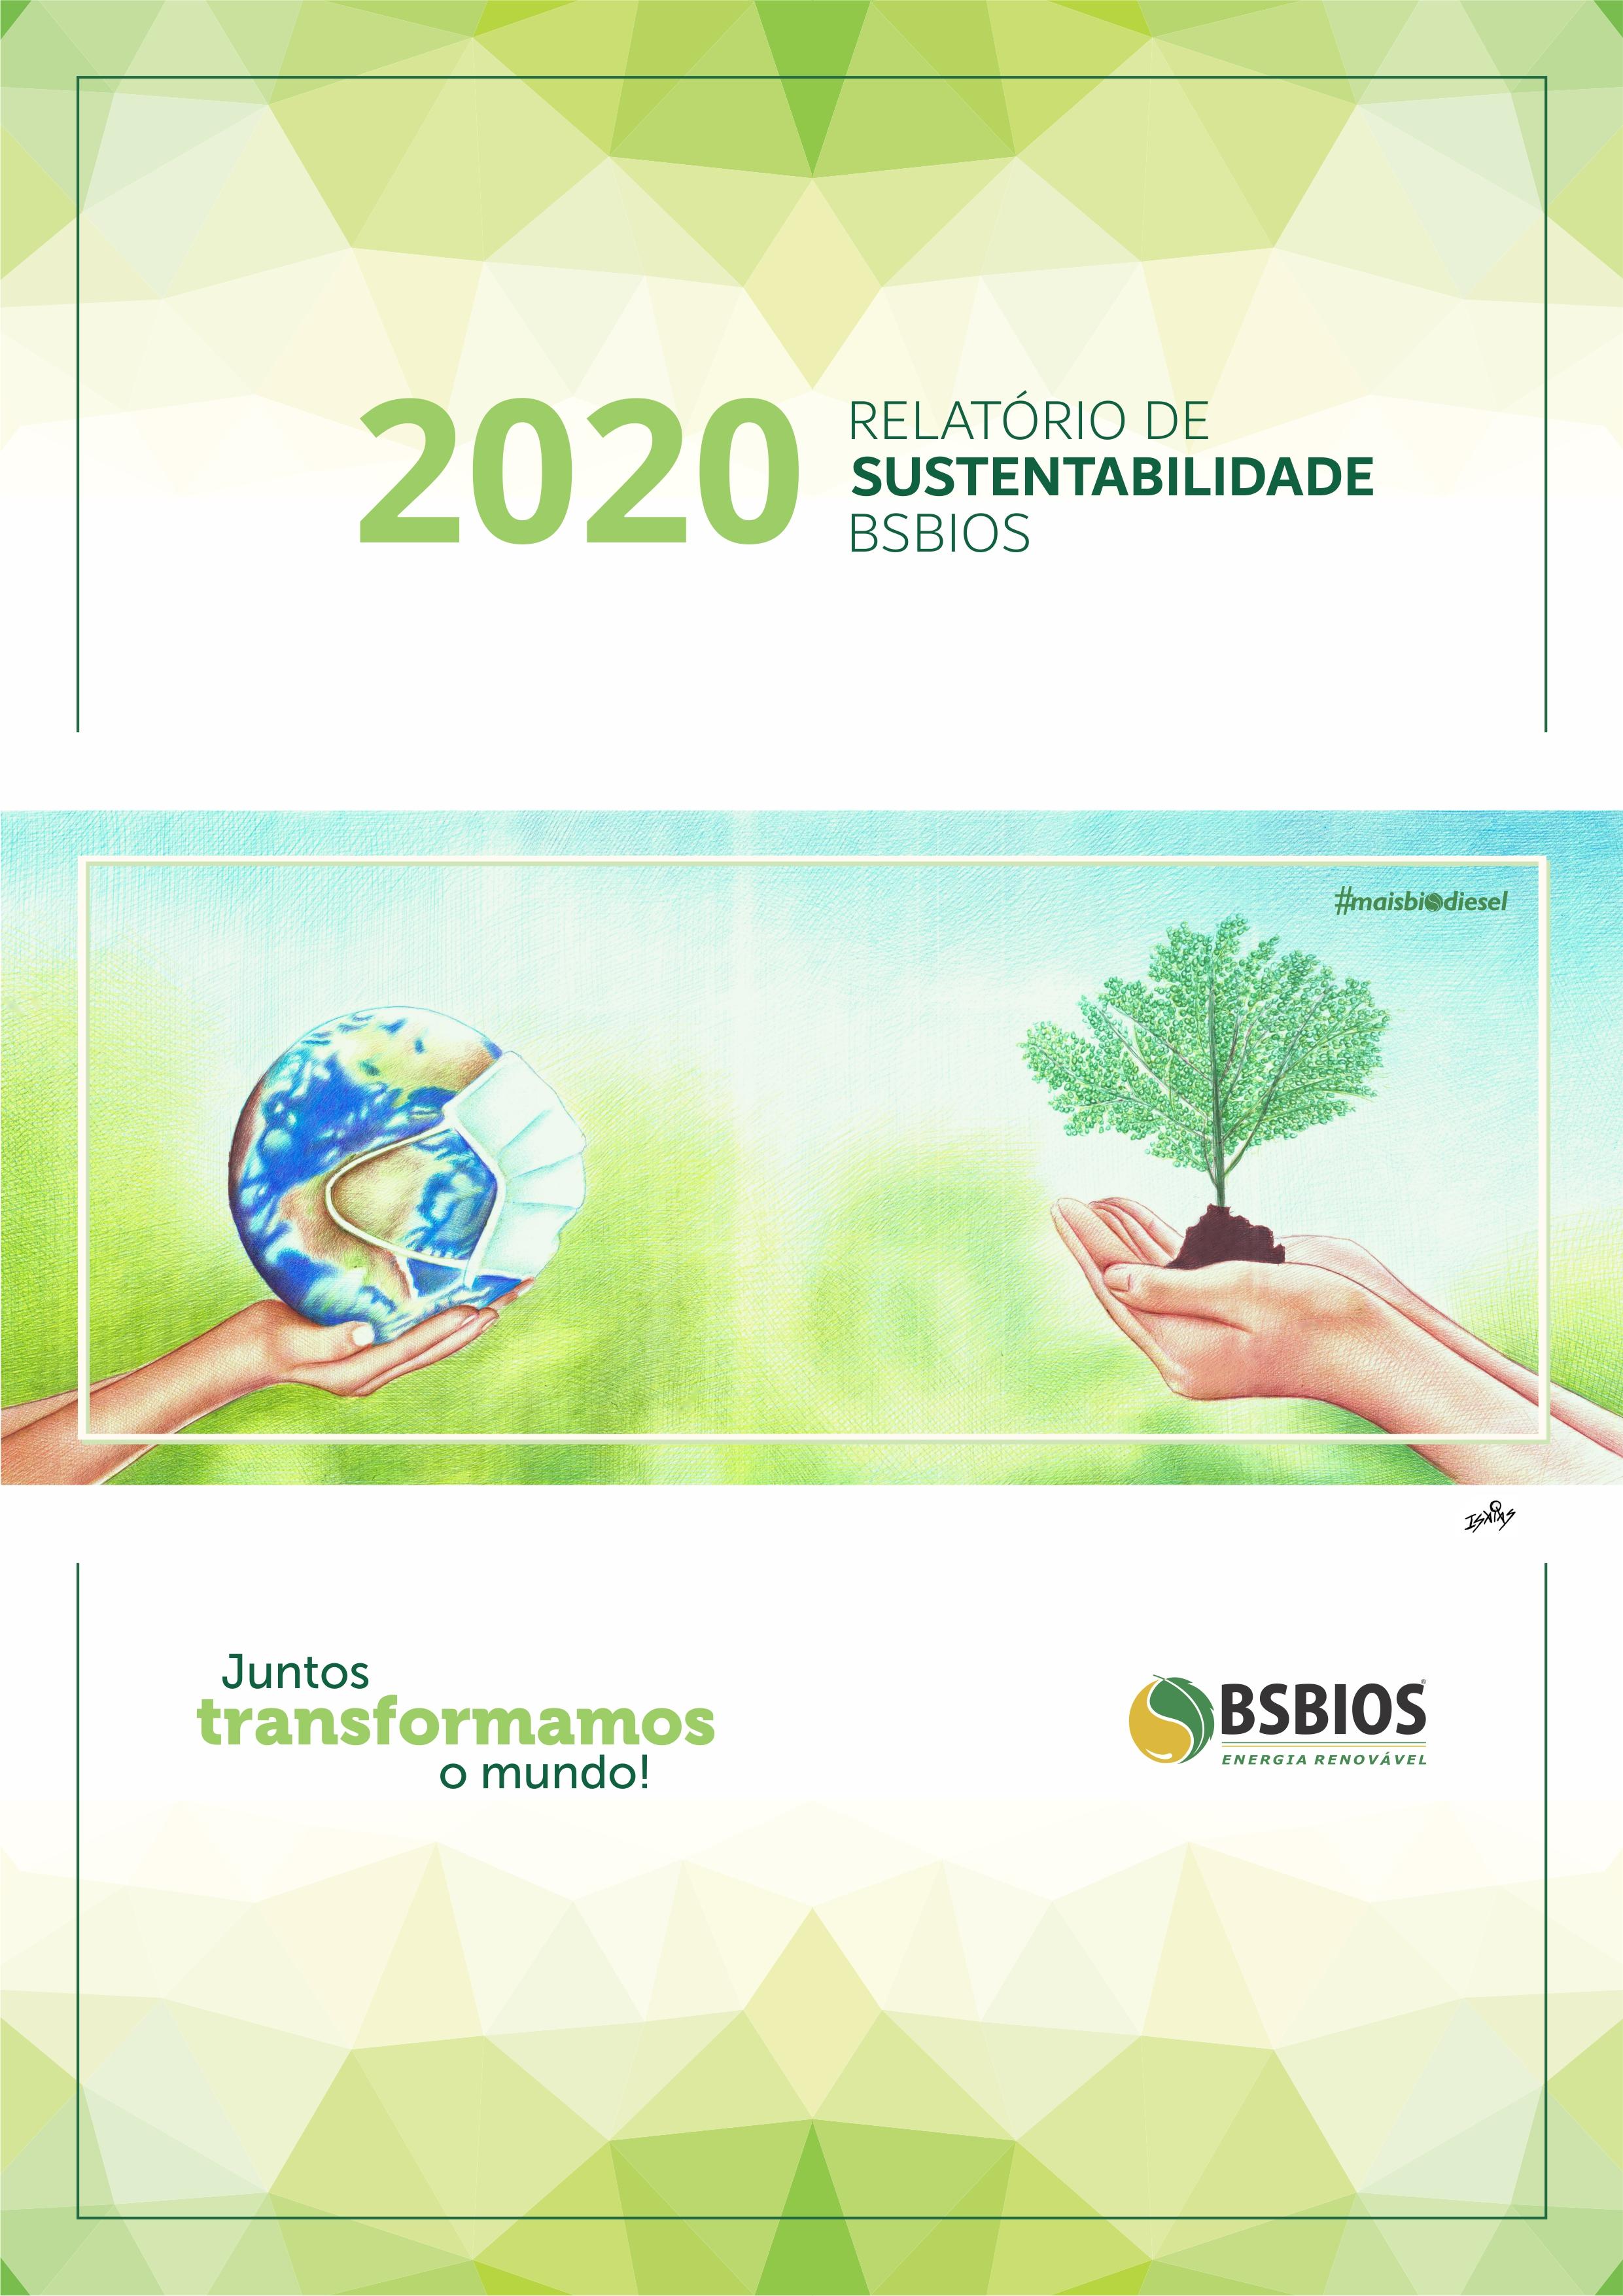 Relatório de Sustentabilidade 2020